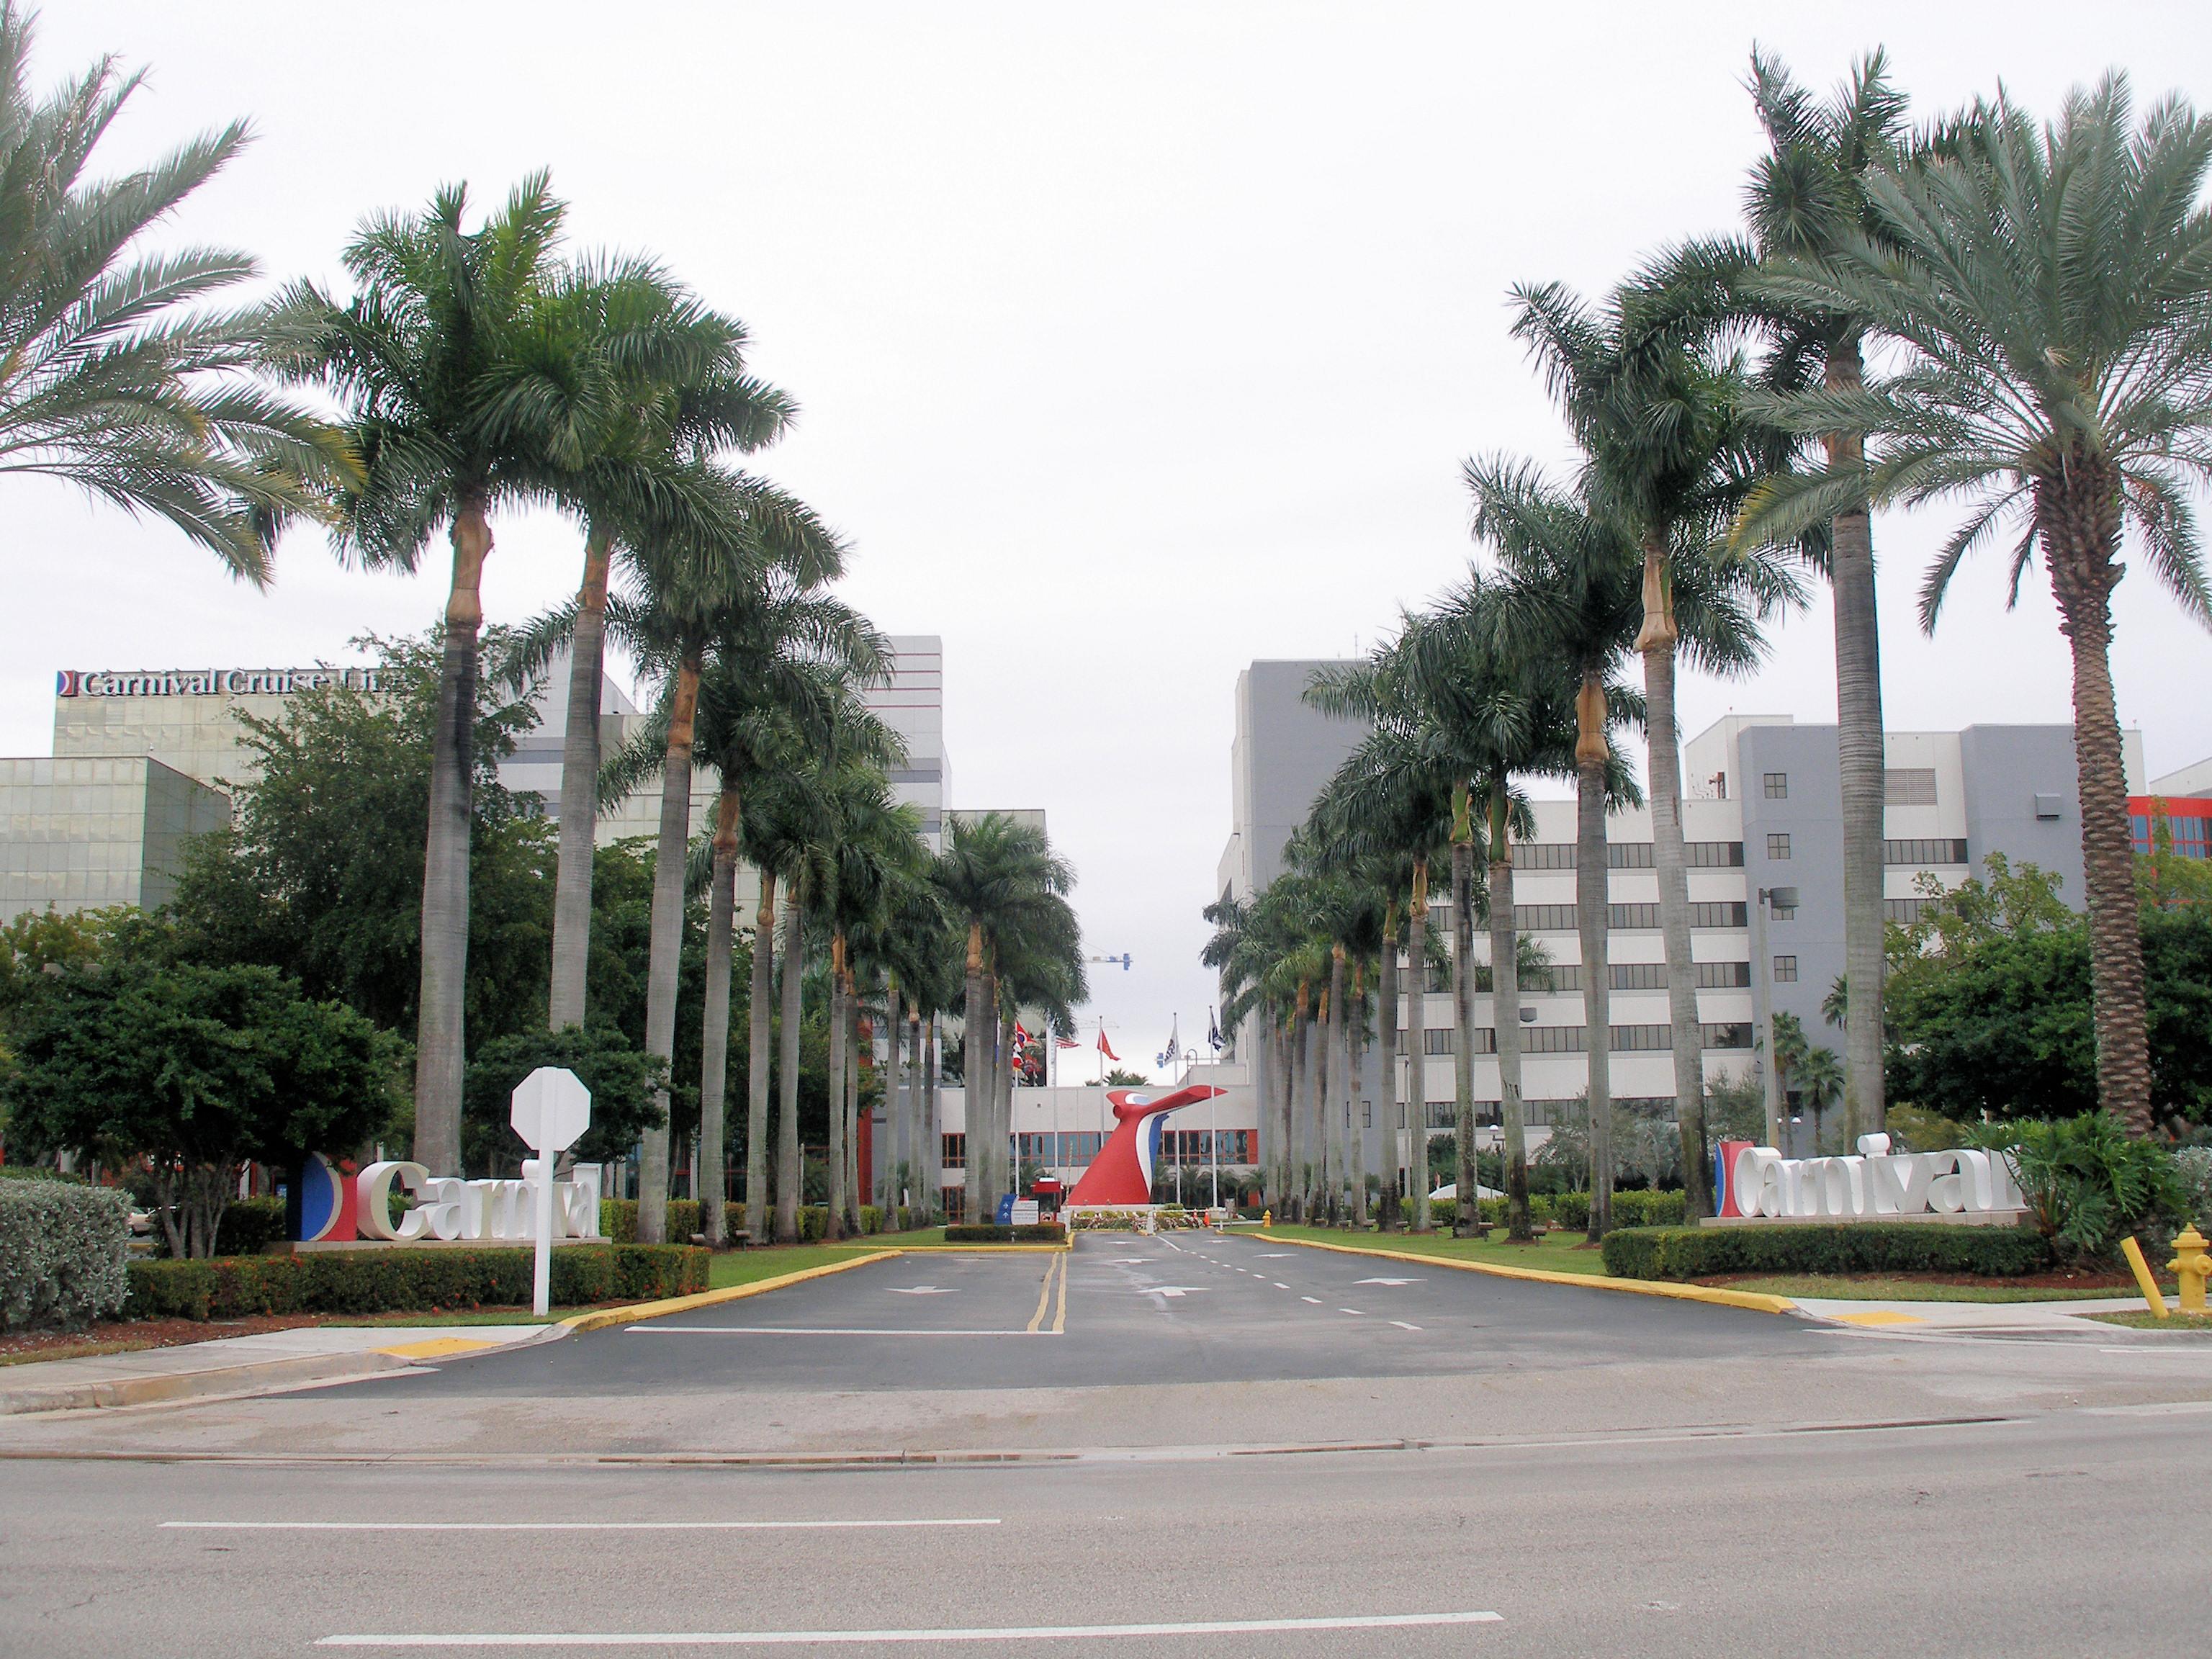 Carnival Corporation & plc - Wikipedia